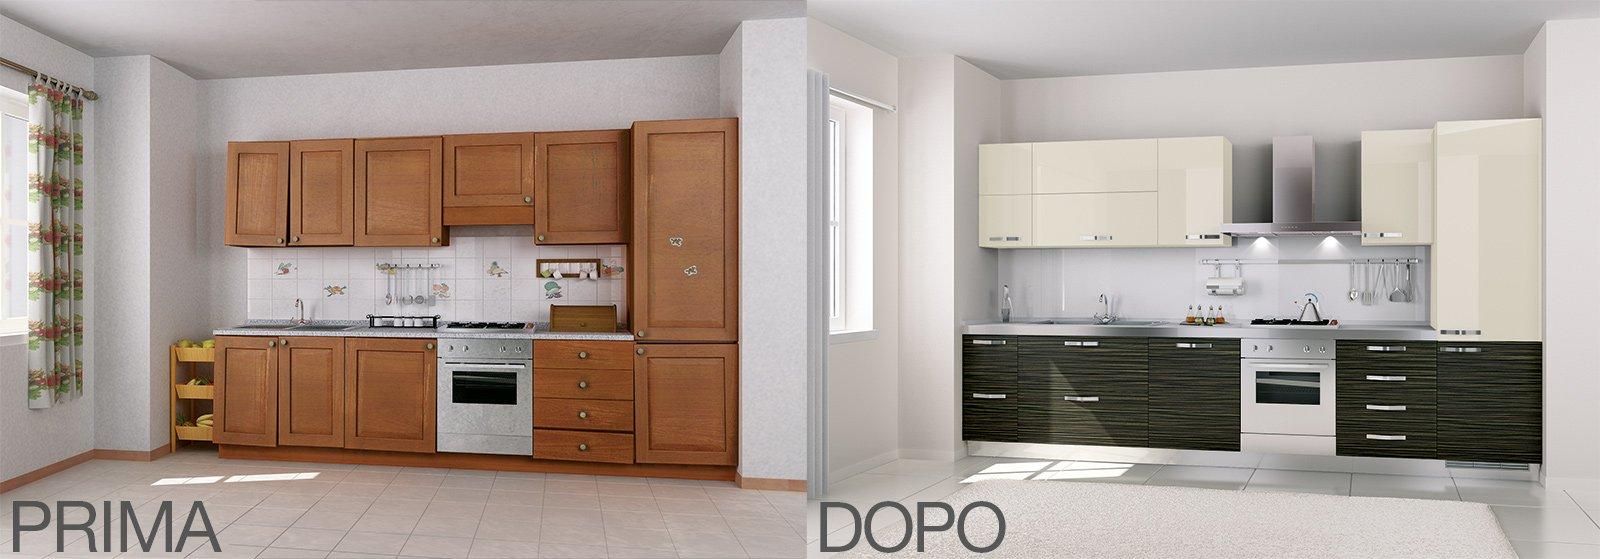 Stunning Verniciare I Mobili Della Cucina Pictures - Saluddeldia ...